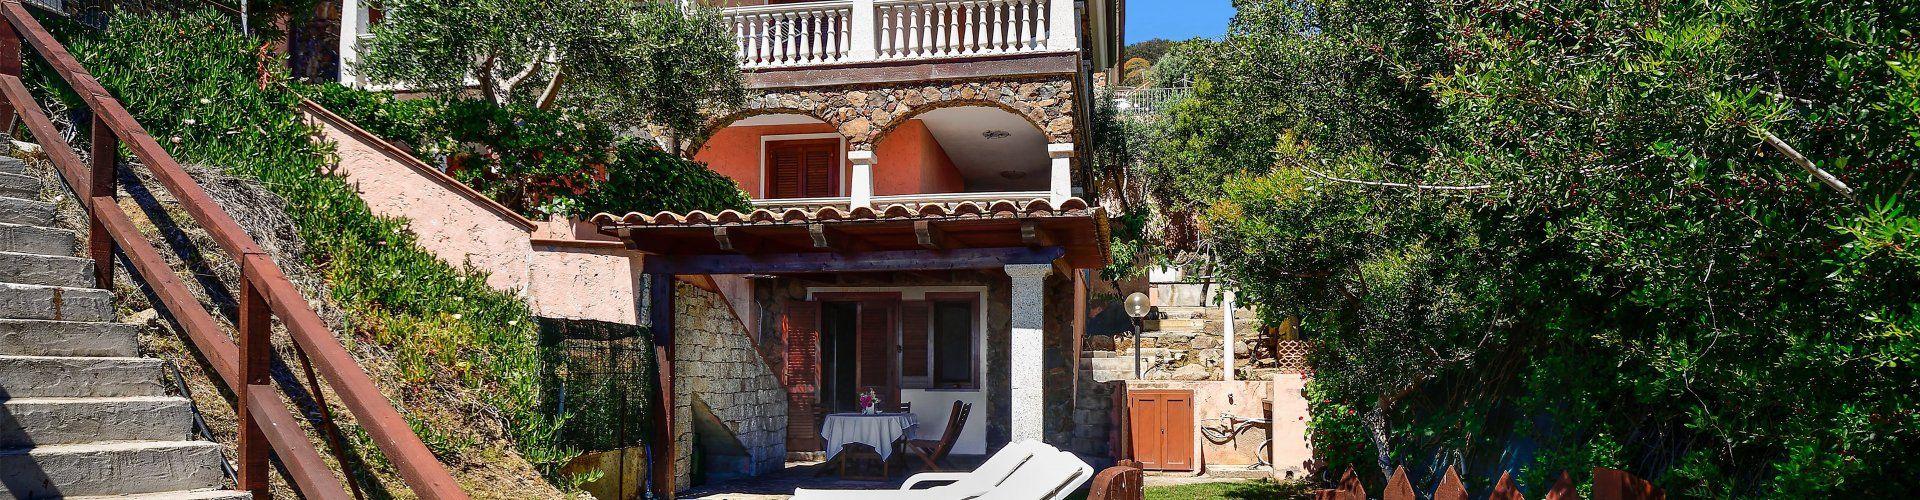 Souterrainwohnung umgeben von Macchia an der Costa Rei